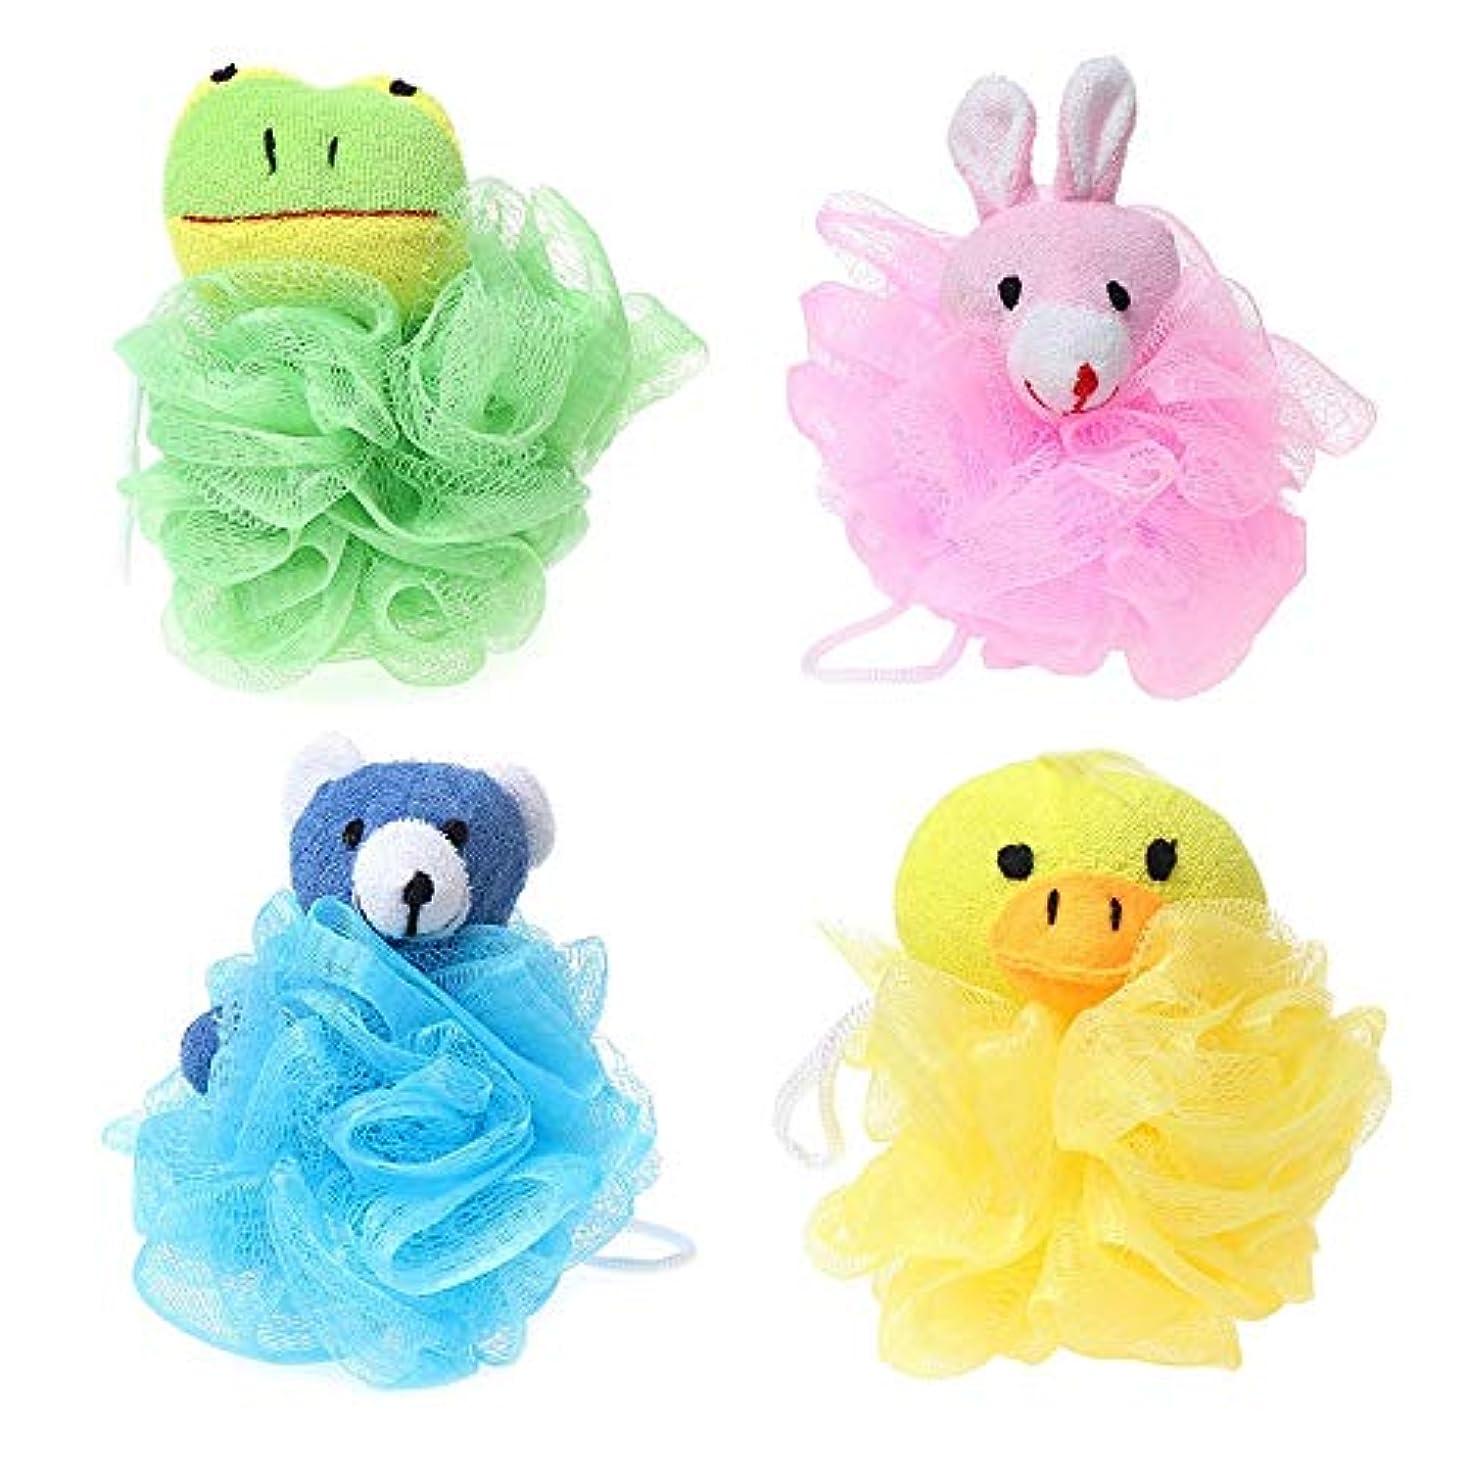 トランスペアレント廊下指ACAMPTAR 子供用おもちゃクッションパフメッシュぬいぐるみ付き(4パック)カエル、アヒル、ウサギ、クマ